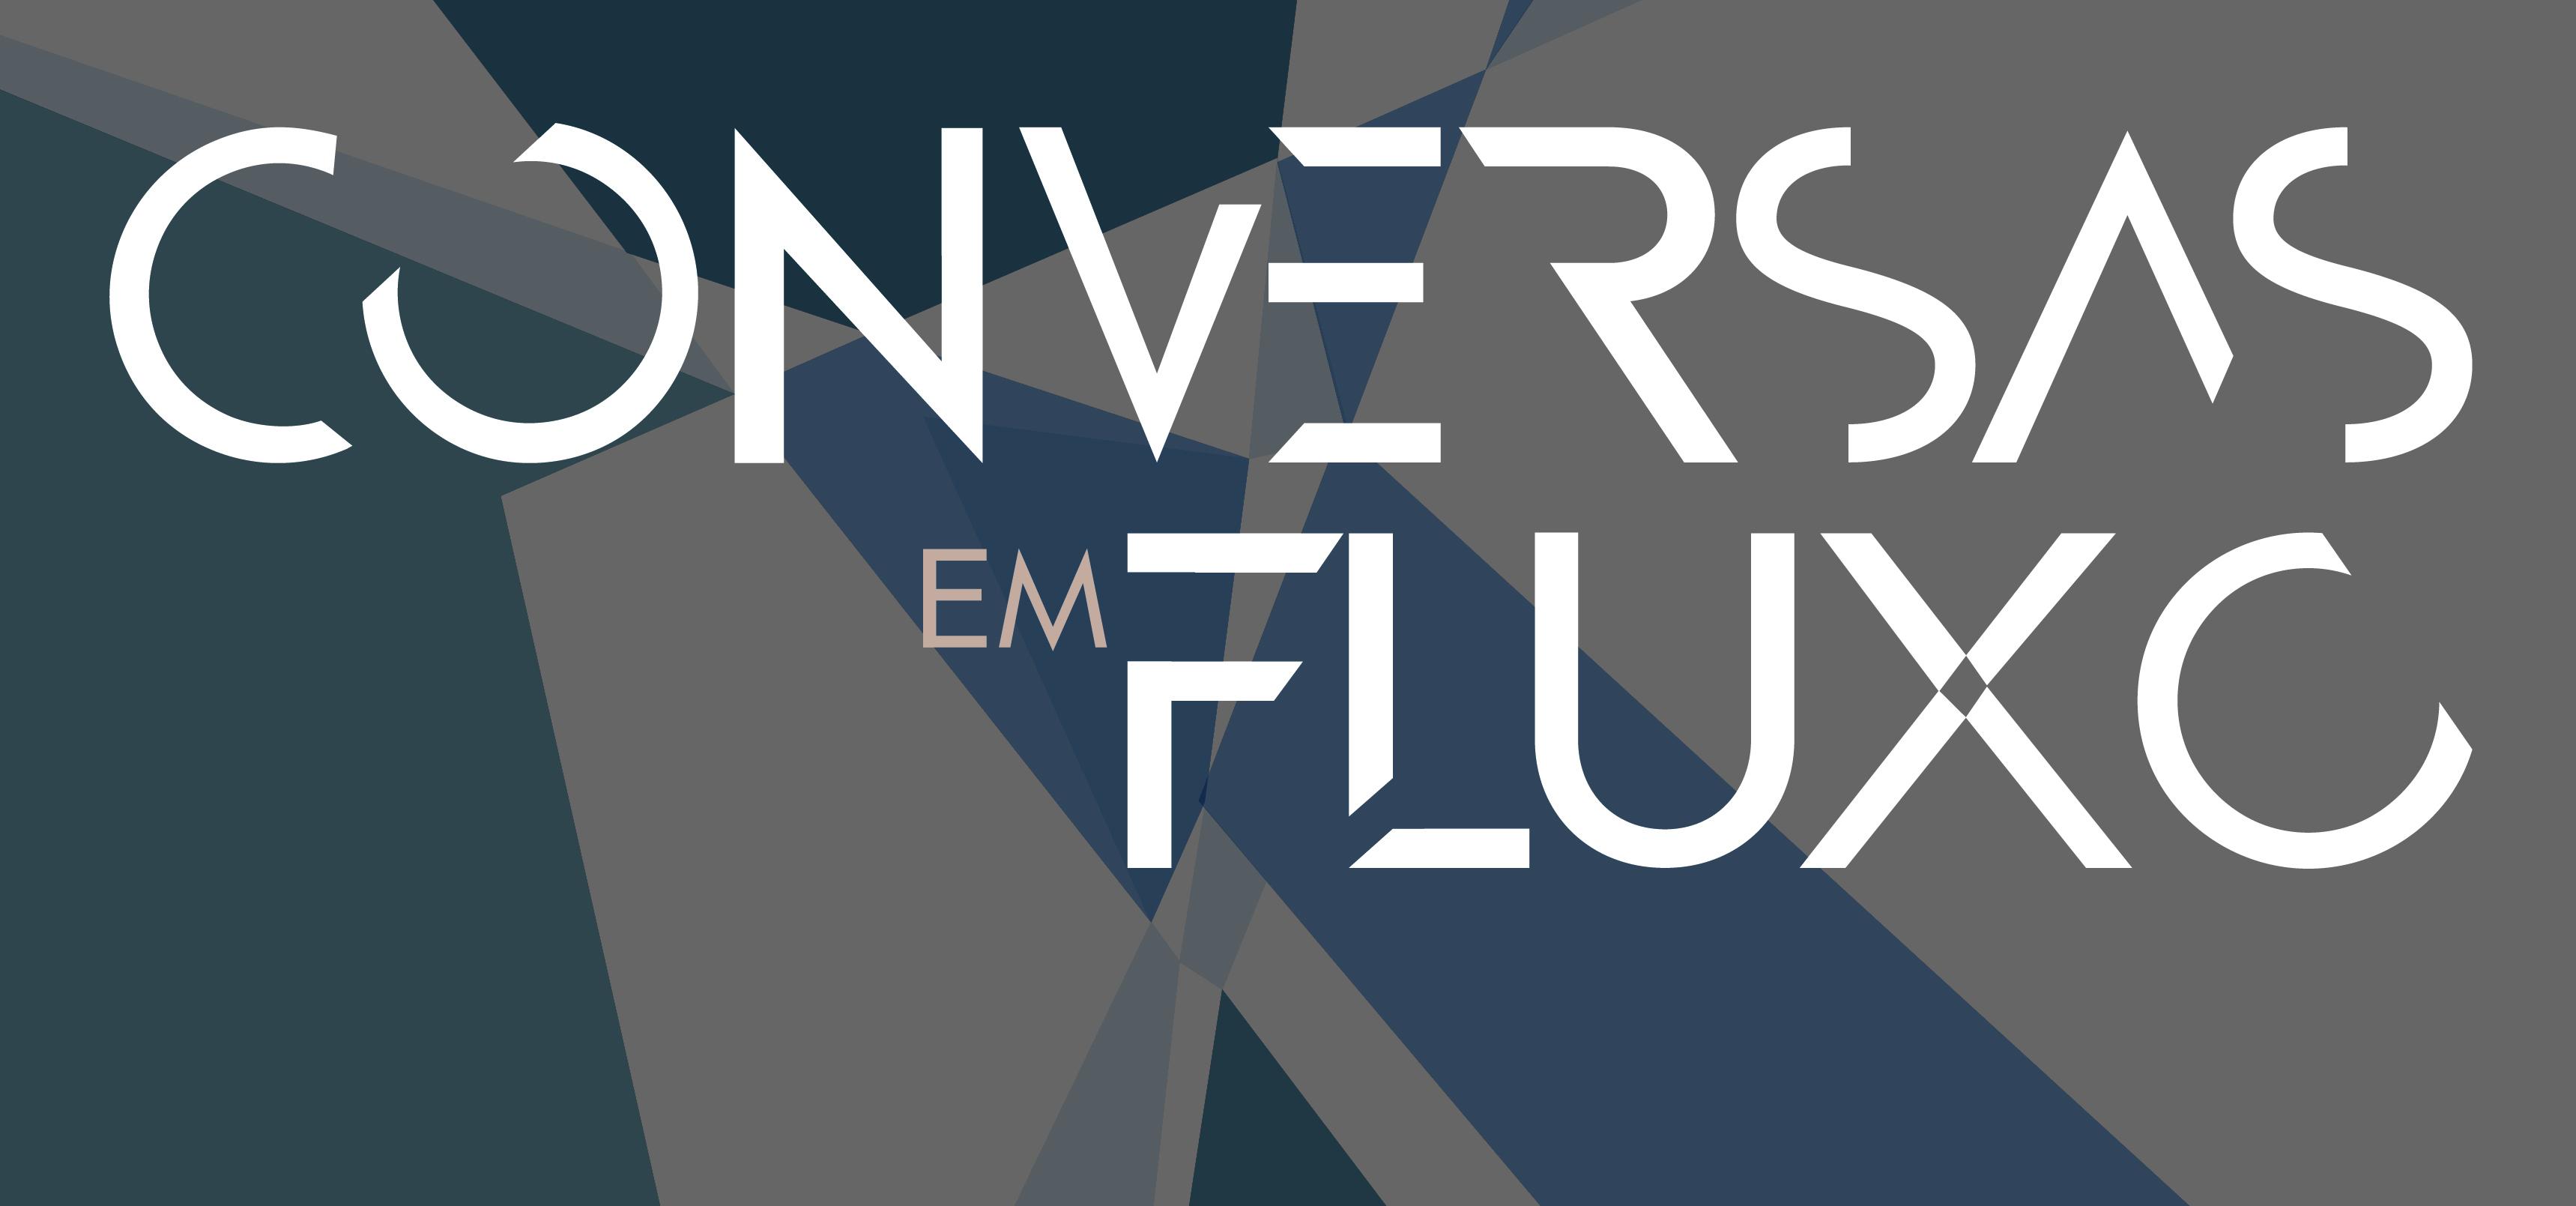 Conversas em Fluxo